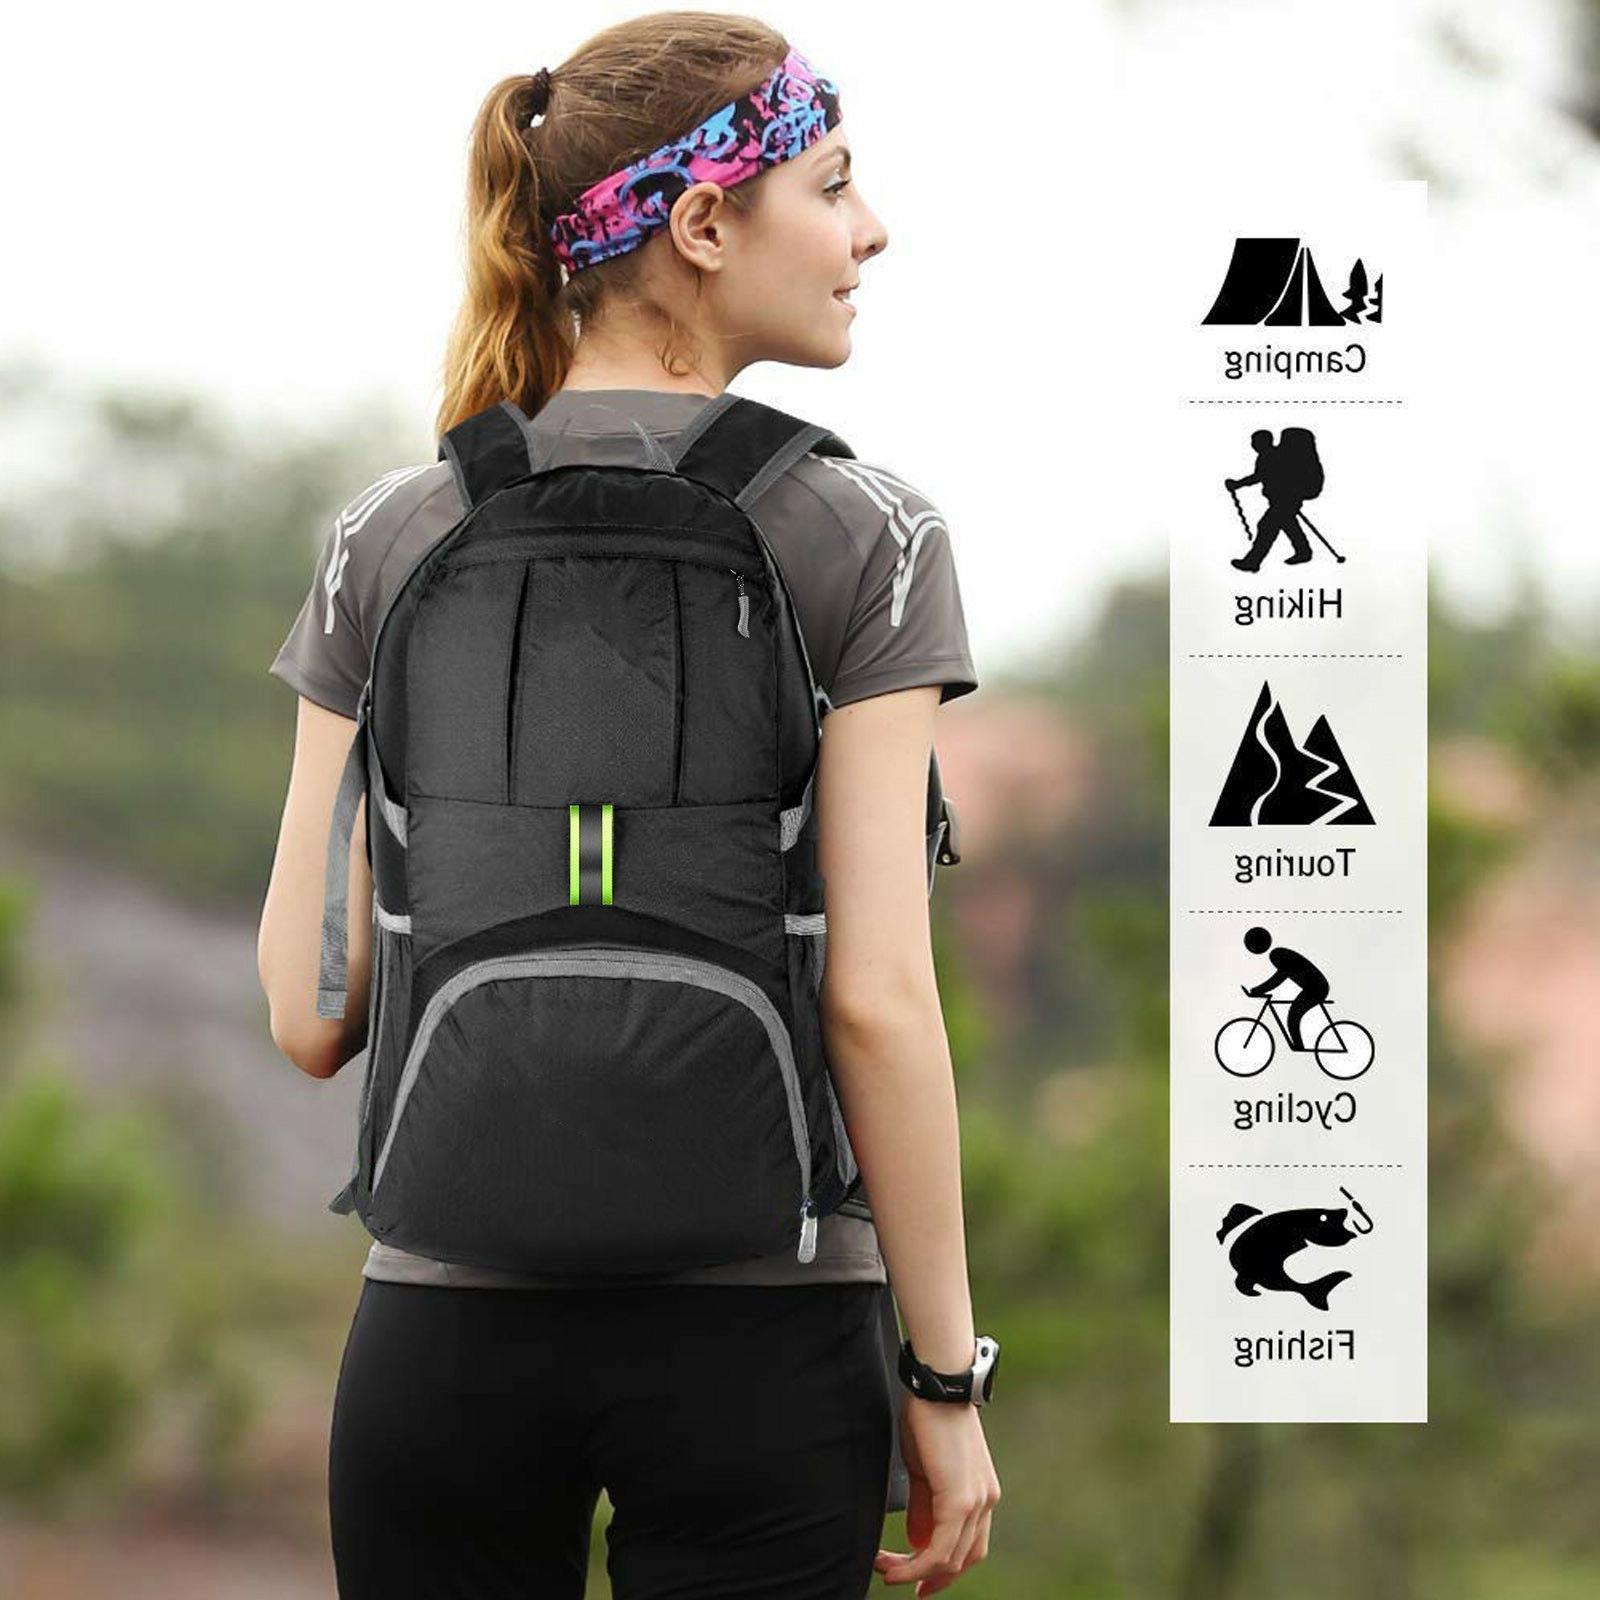 Multifunction Travel Backpack Shoulder Bag 35L